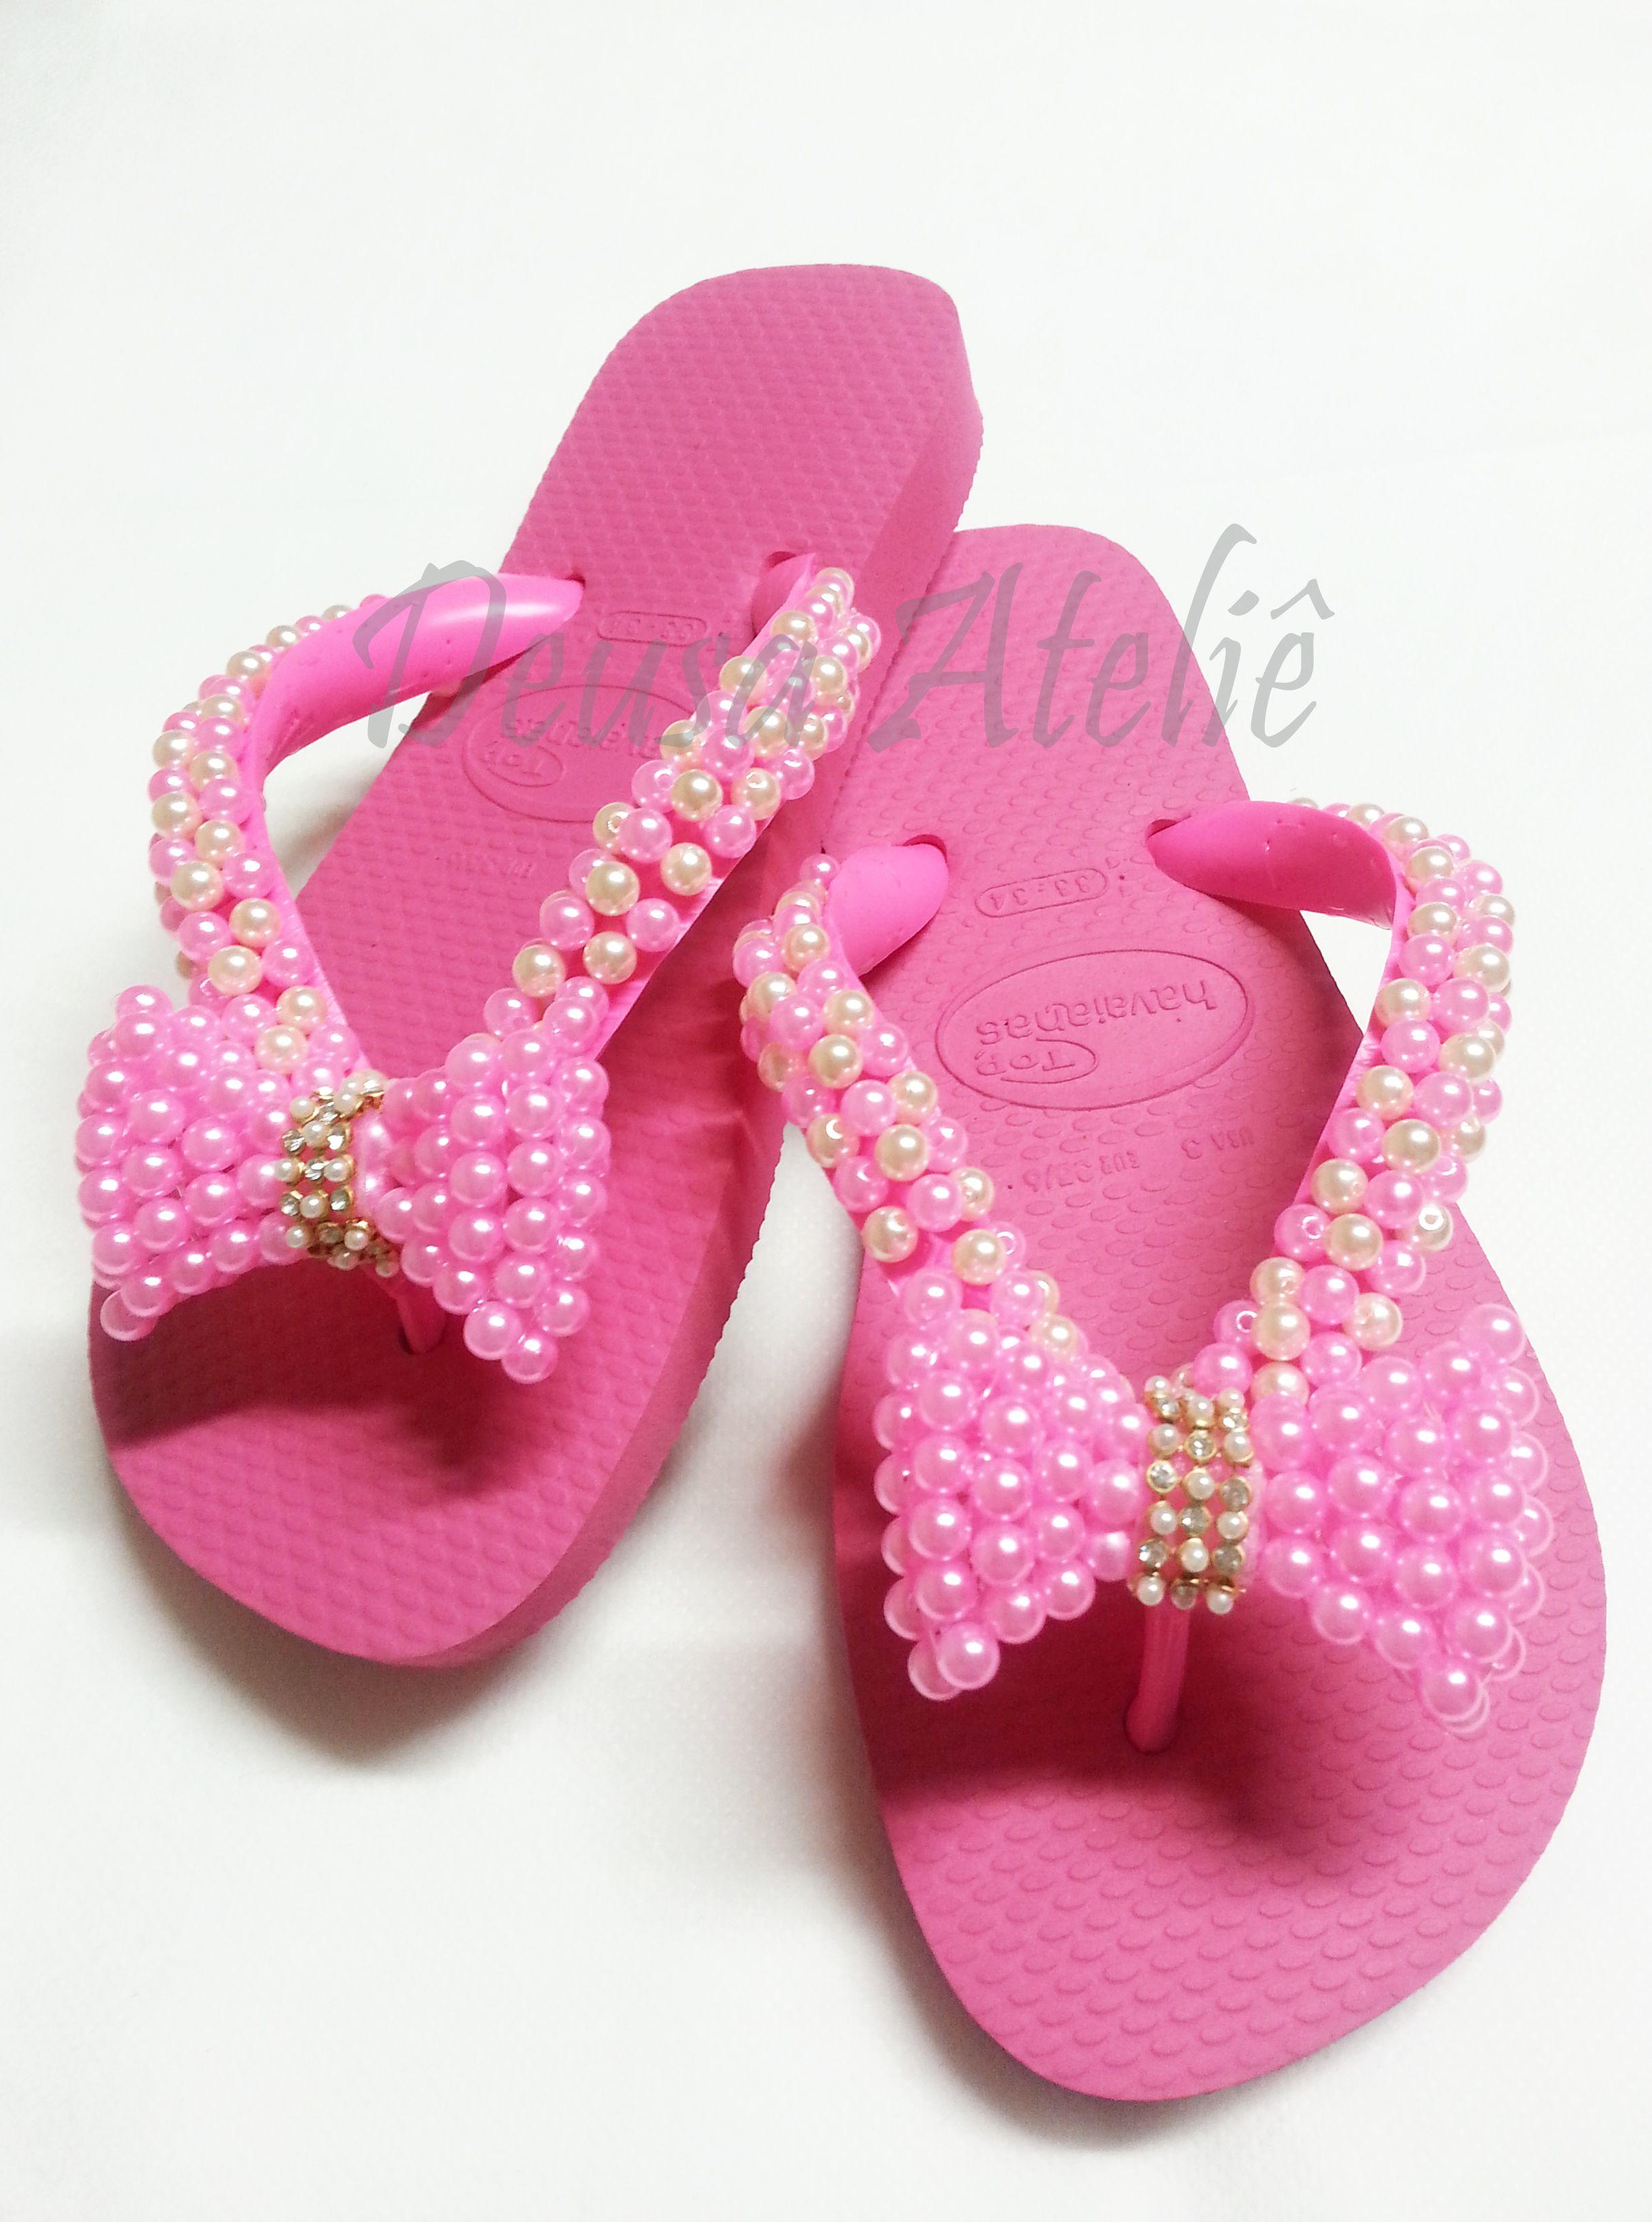 2937c3e746 Chinelo rosa bordado com pérolas rosas e brancas.